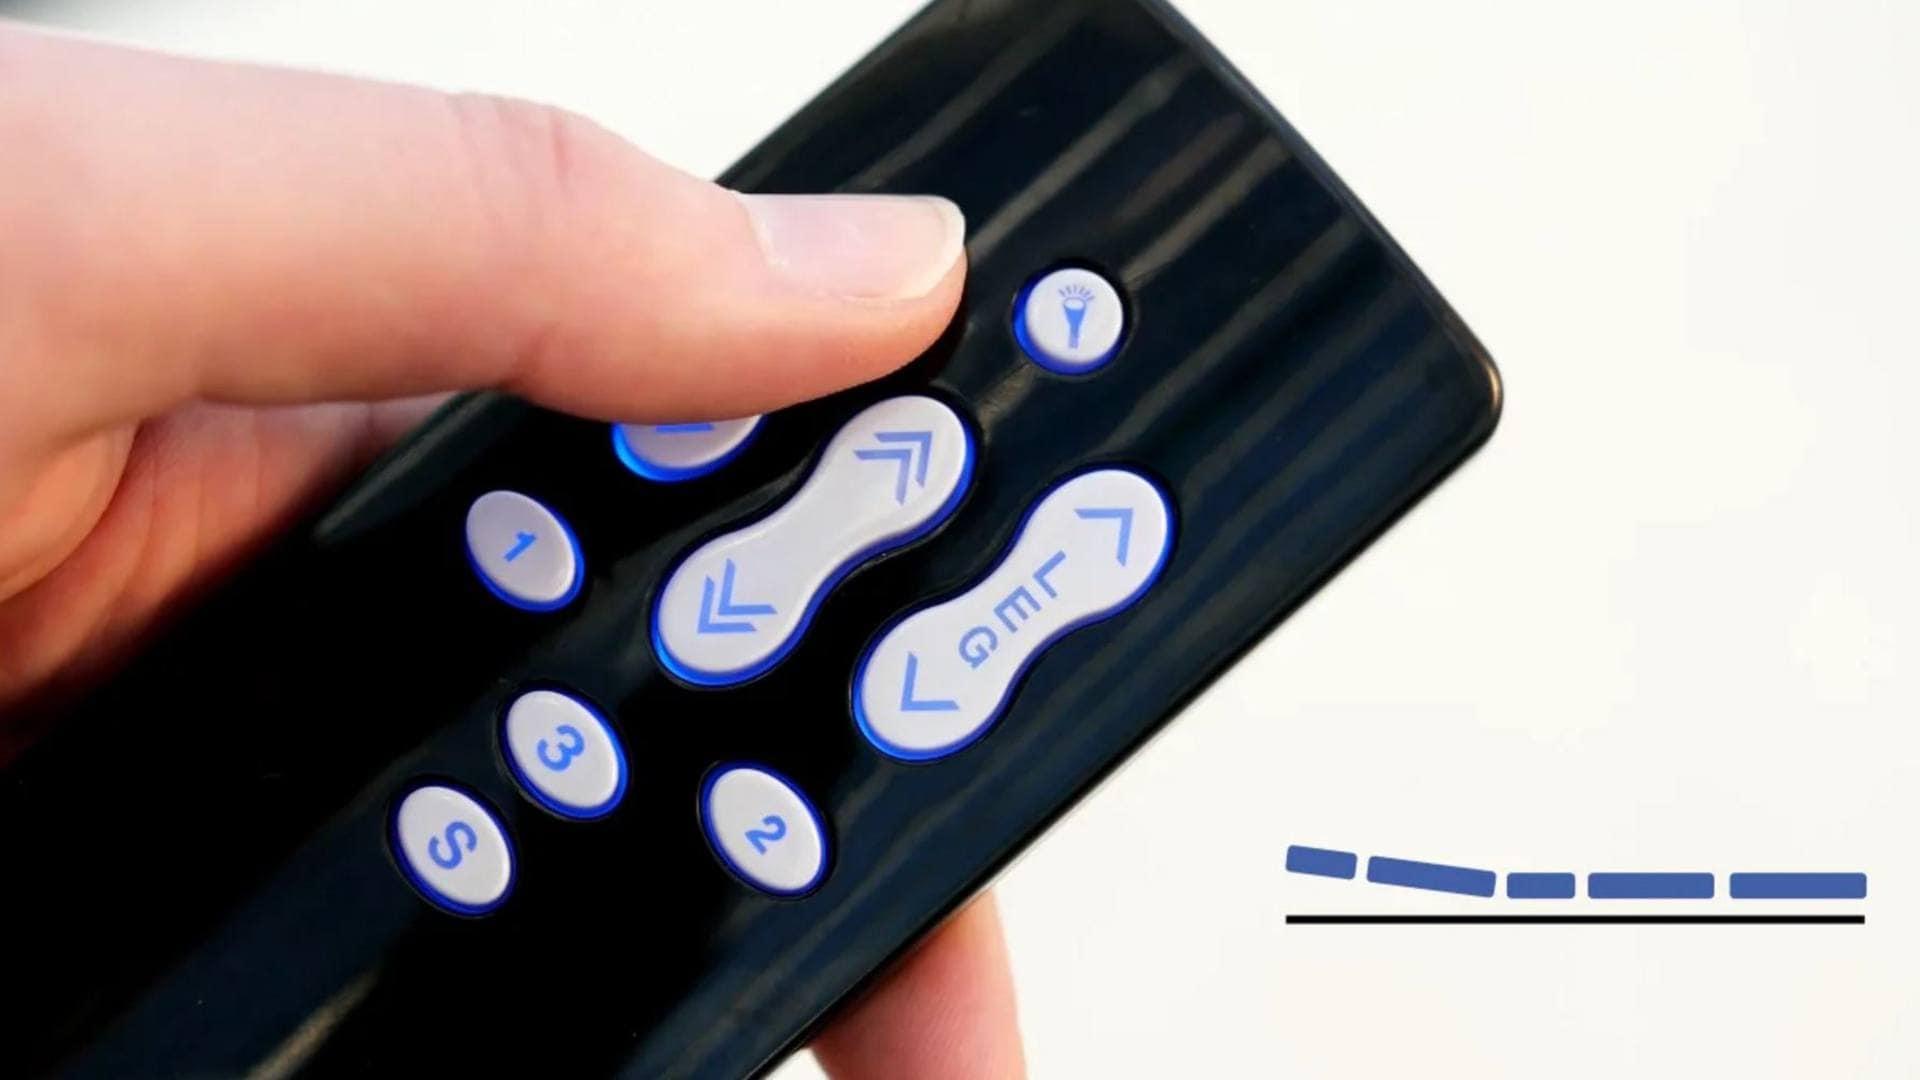 Salve as posições da sua cama regulável nos controles manuais da LINAK®